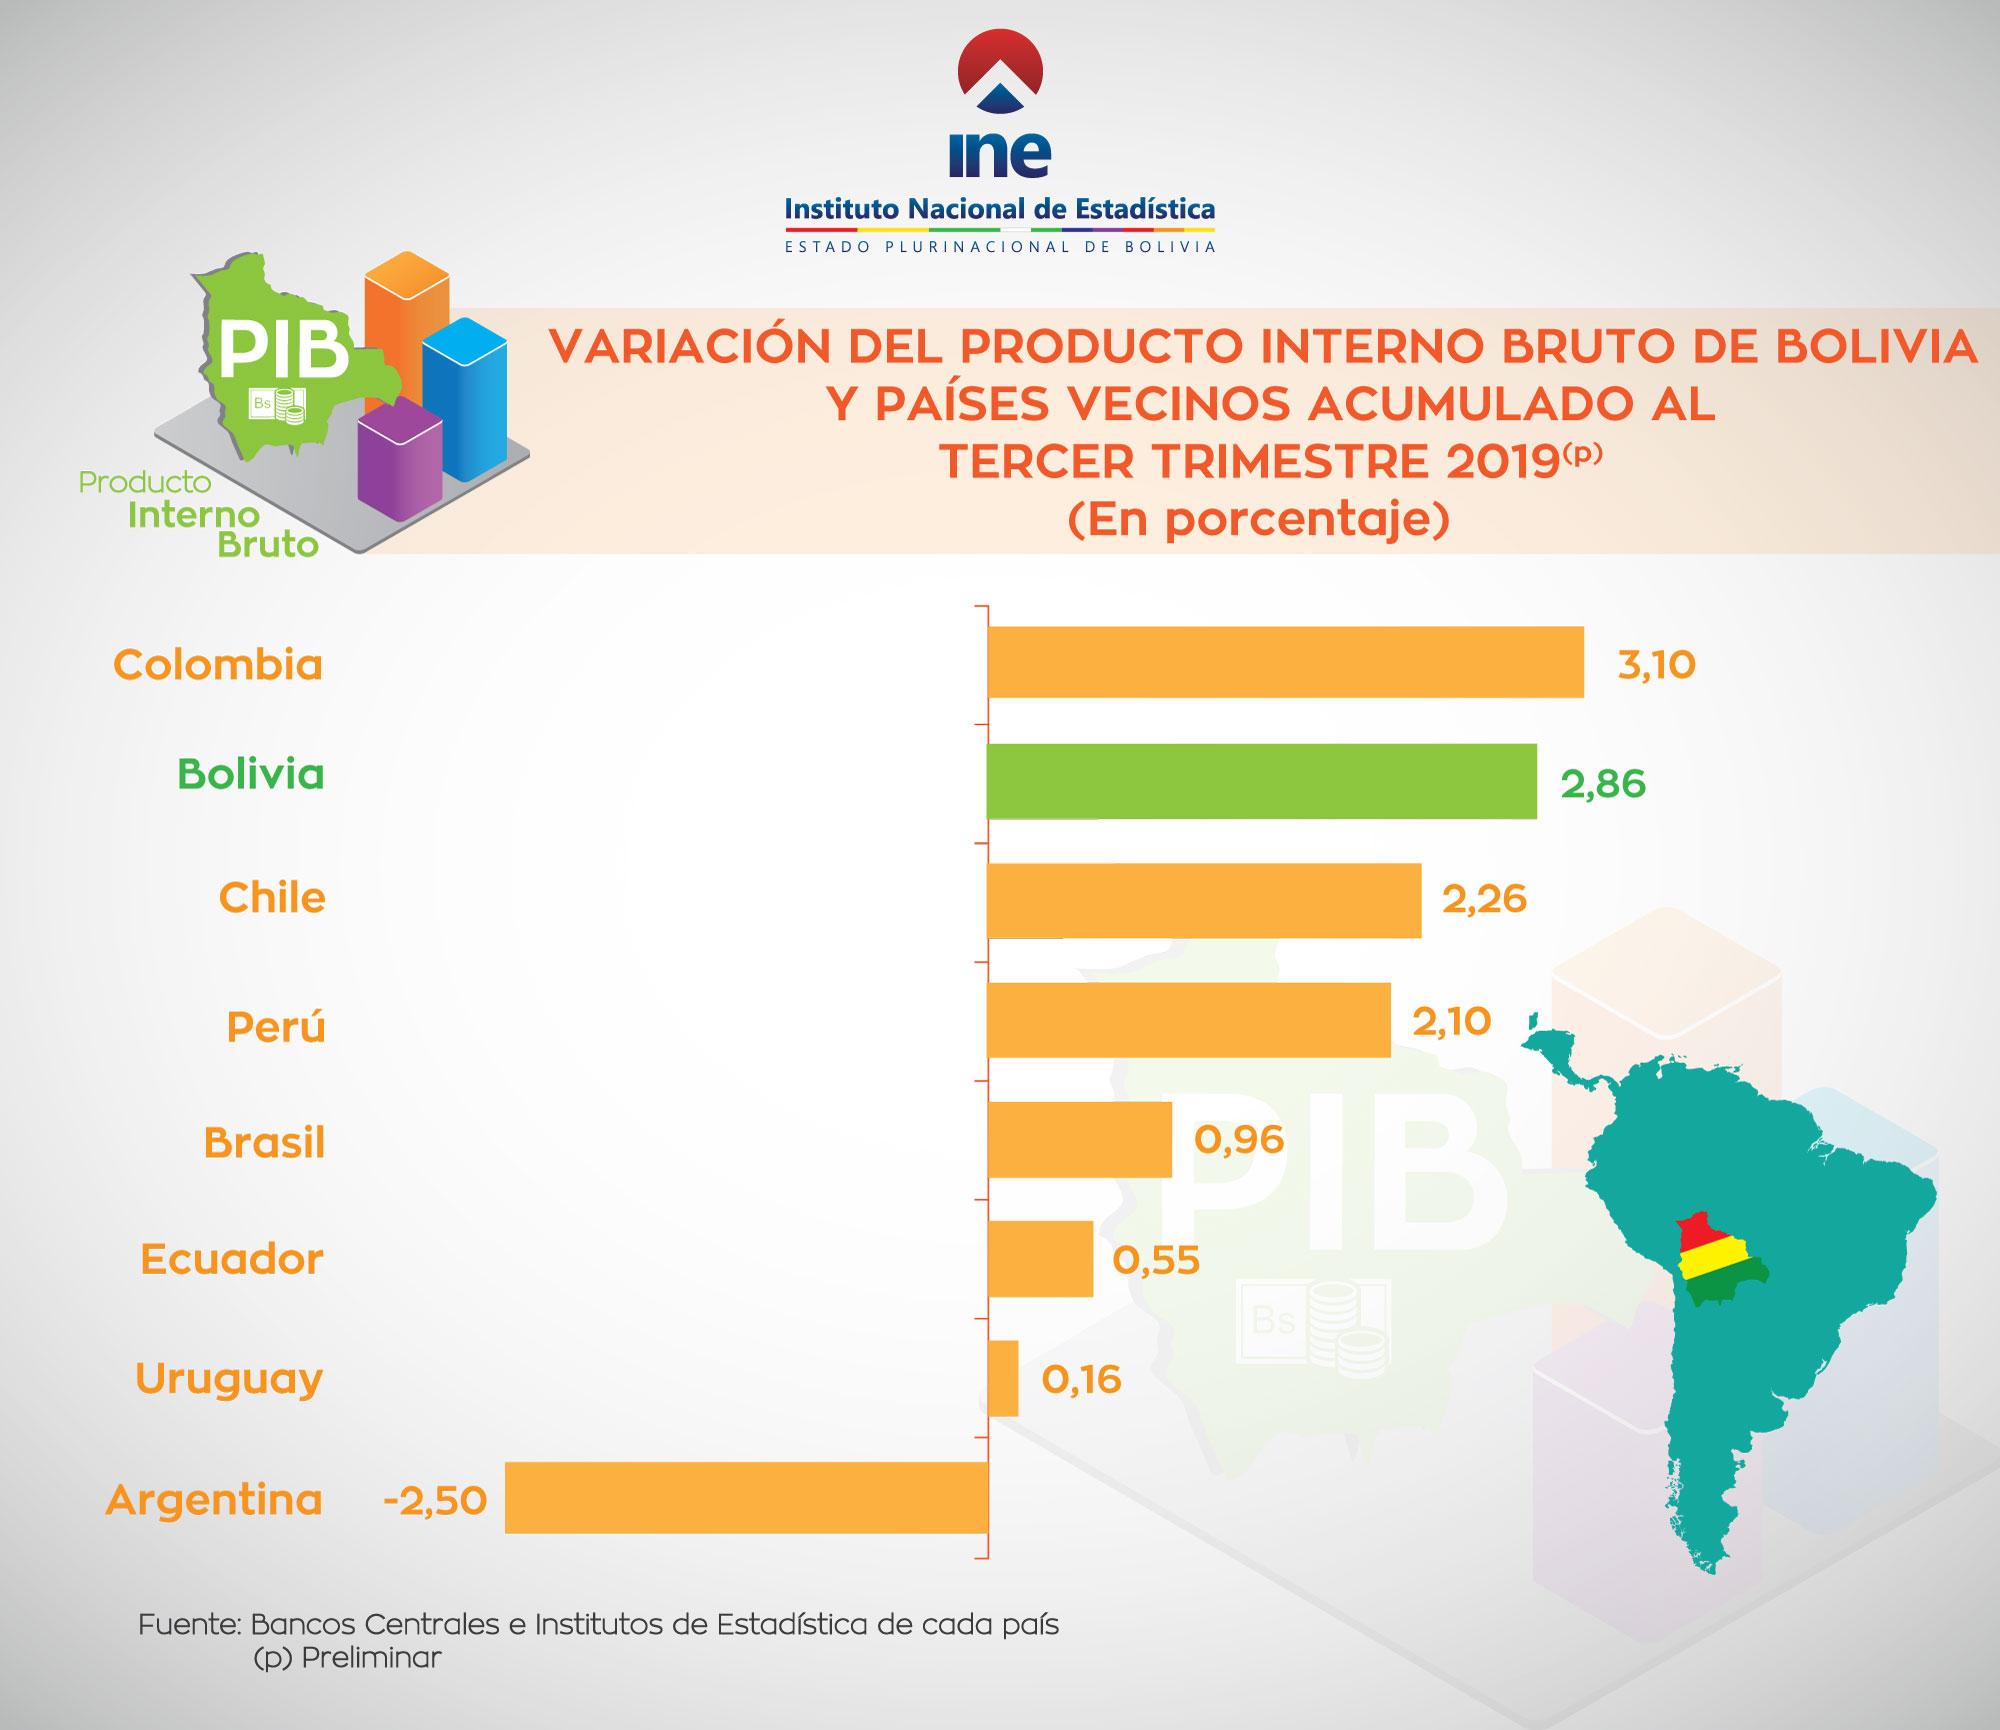 VARIACION DEL PRODUCTO INTERNO BRUTO DE BOLIVIA Y PAISES VECINOS ACUMULADO AL TERCER TRIMESTRE 2019